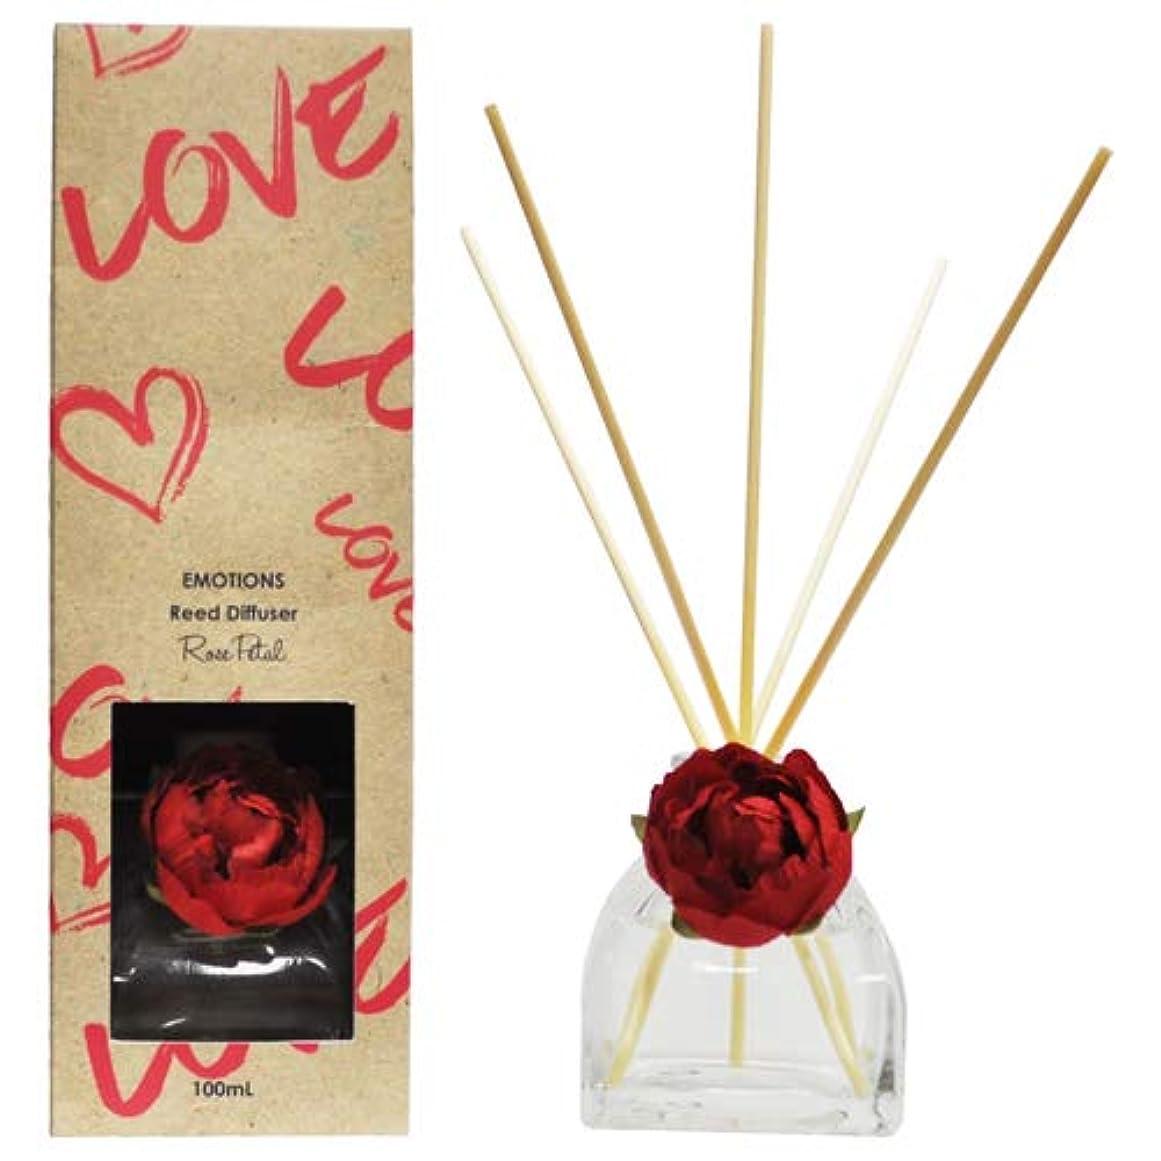 論理的スポンサー共感するEMOTIONS エモーション Fibre Reed Diffuser リードディフューザー Love ラブ(Rose Petal ローズペタル)